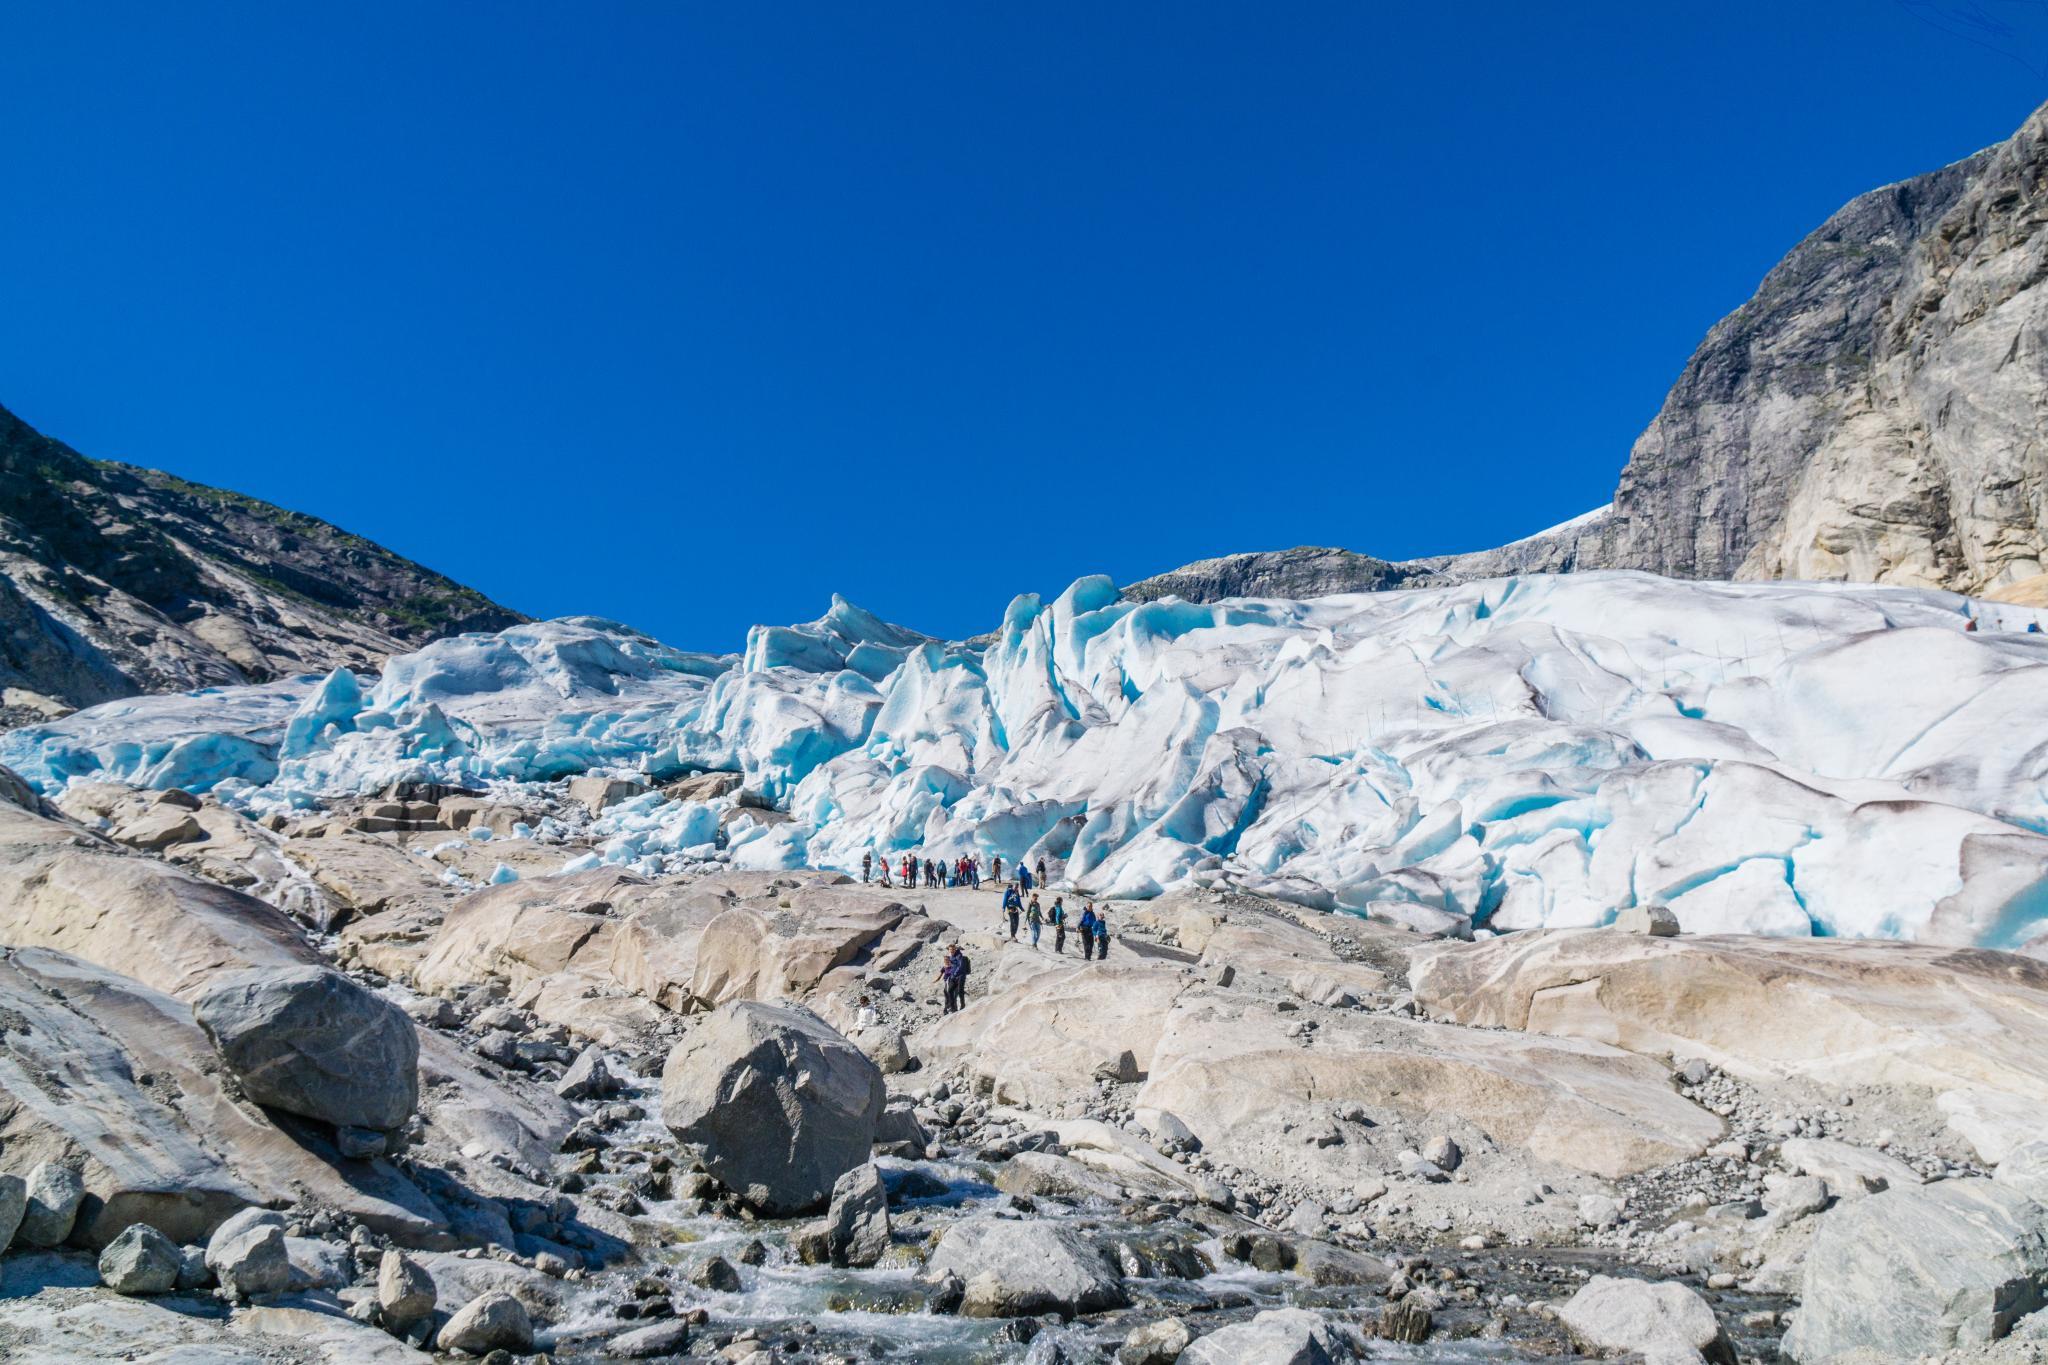 【北歐露營】挪威冰河健行露營地 – Nigardsbreen Camping